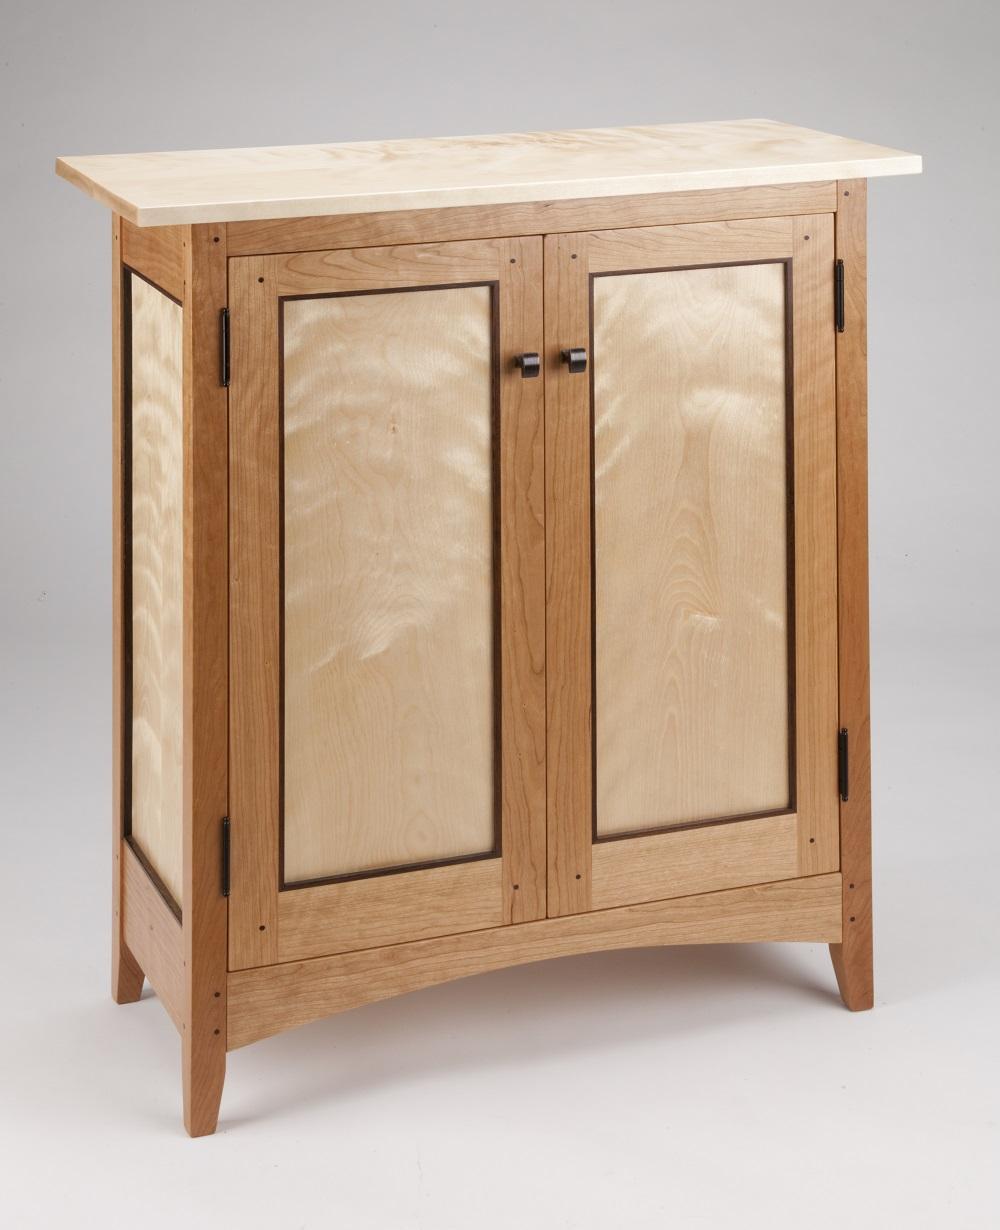 Tom dumke handcrafted furniture side cabinet made of